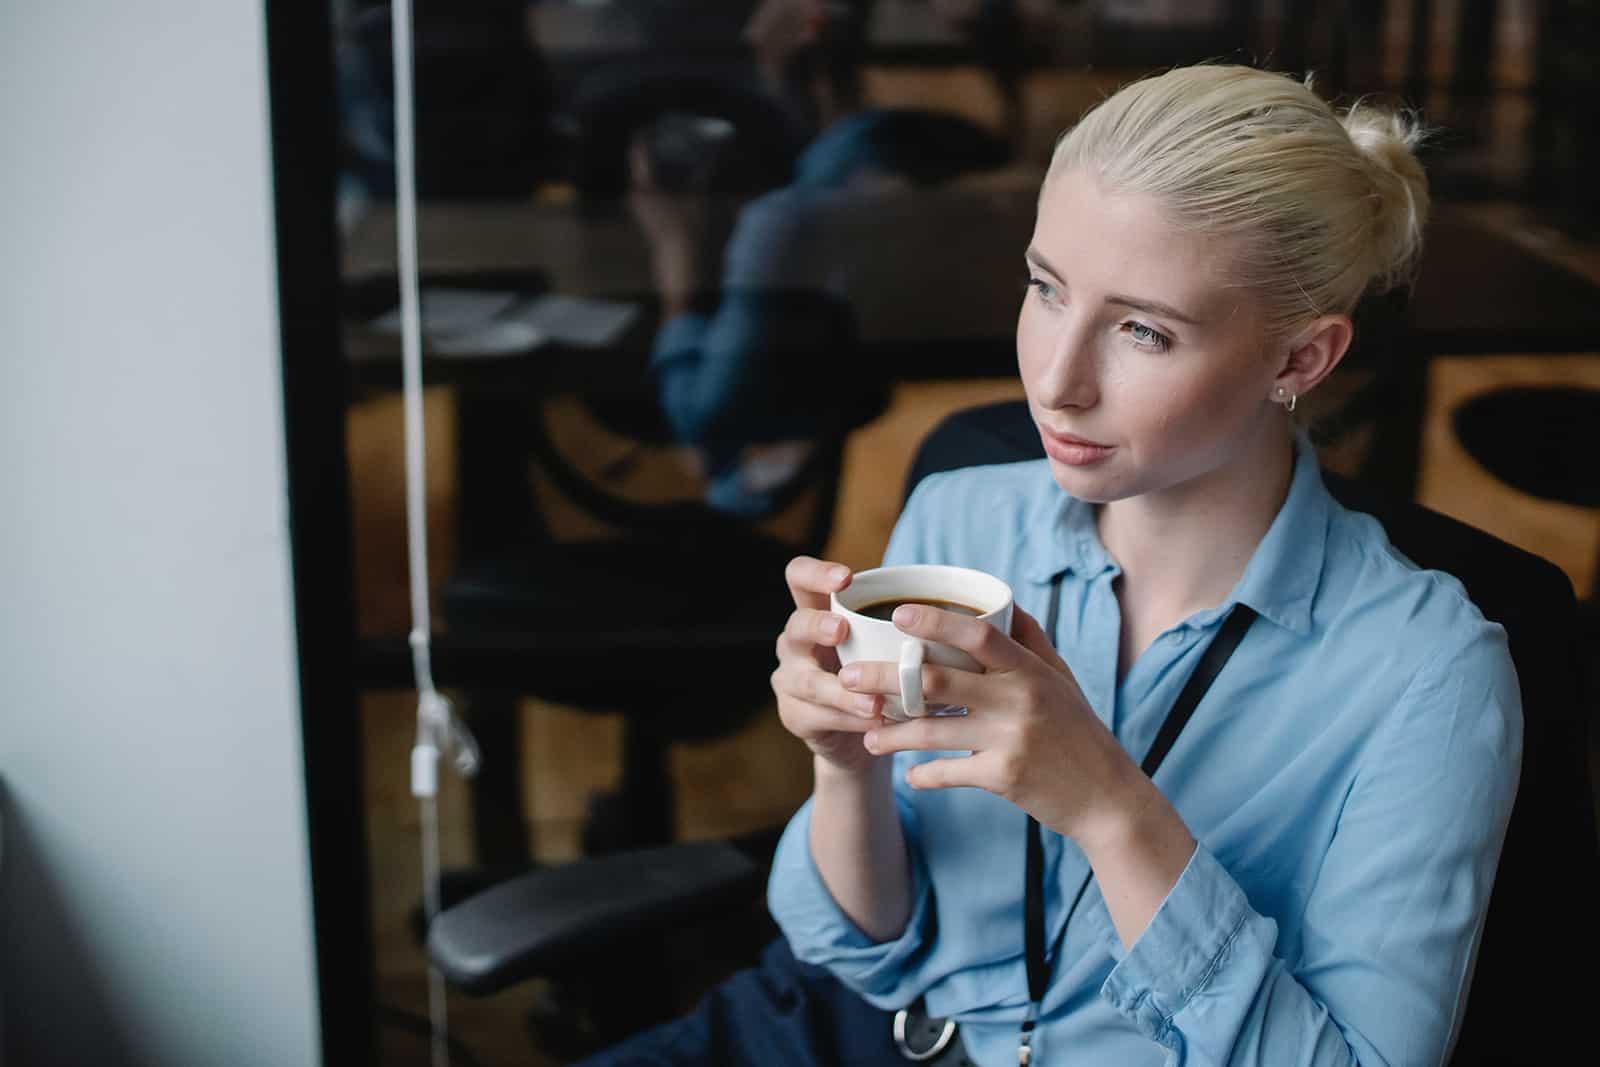 nachdenkliche Frau hält eine Tasse Kaffee im Café sitzen